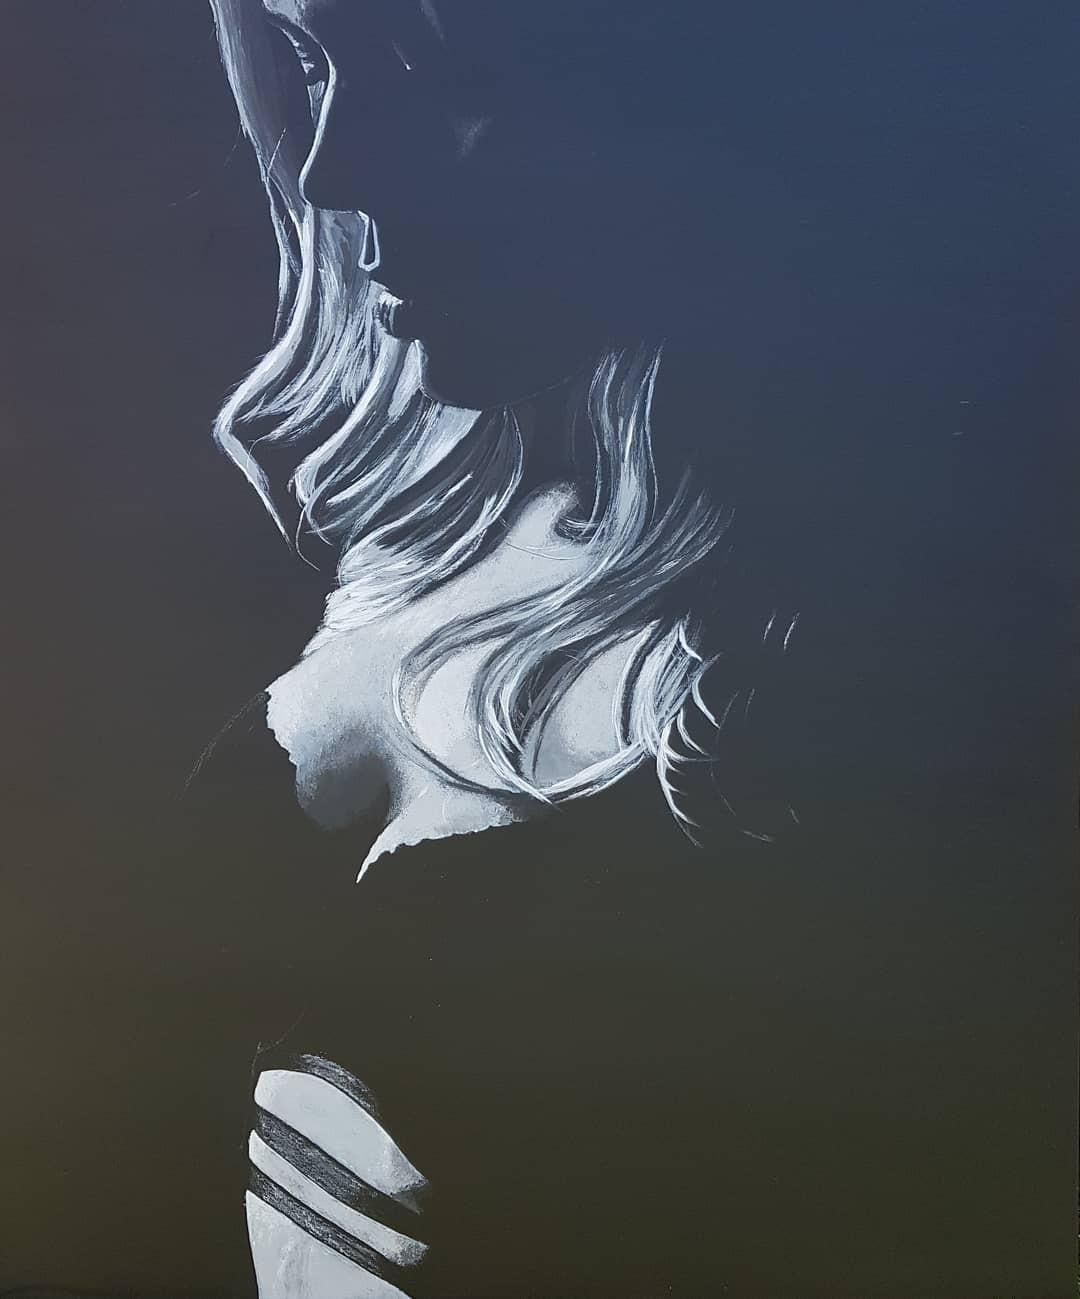 Серия рисунков «Из темноты». Автор Зульф (26)